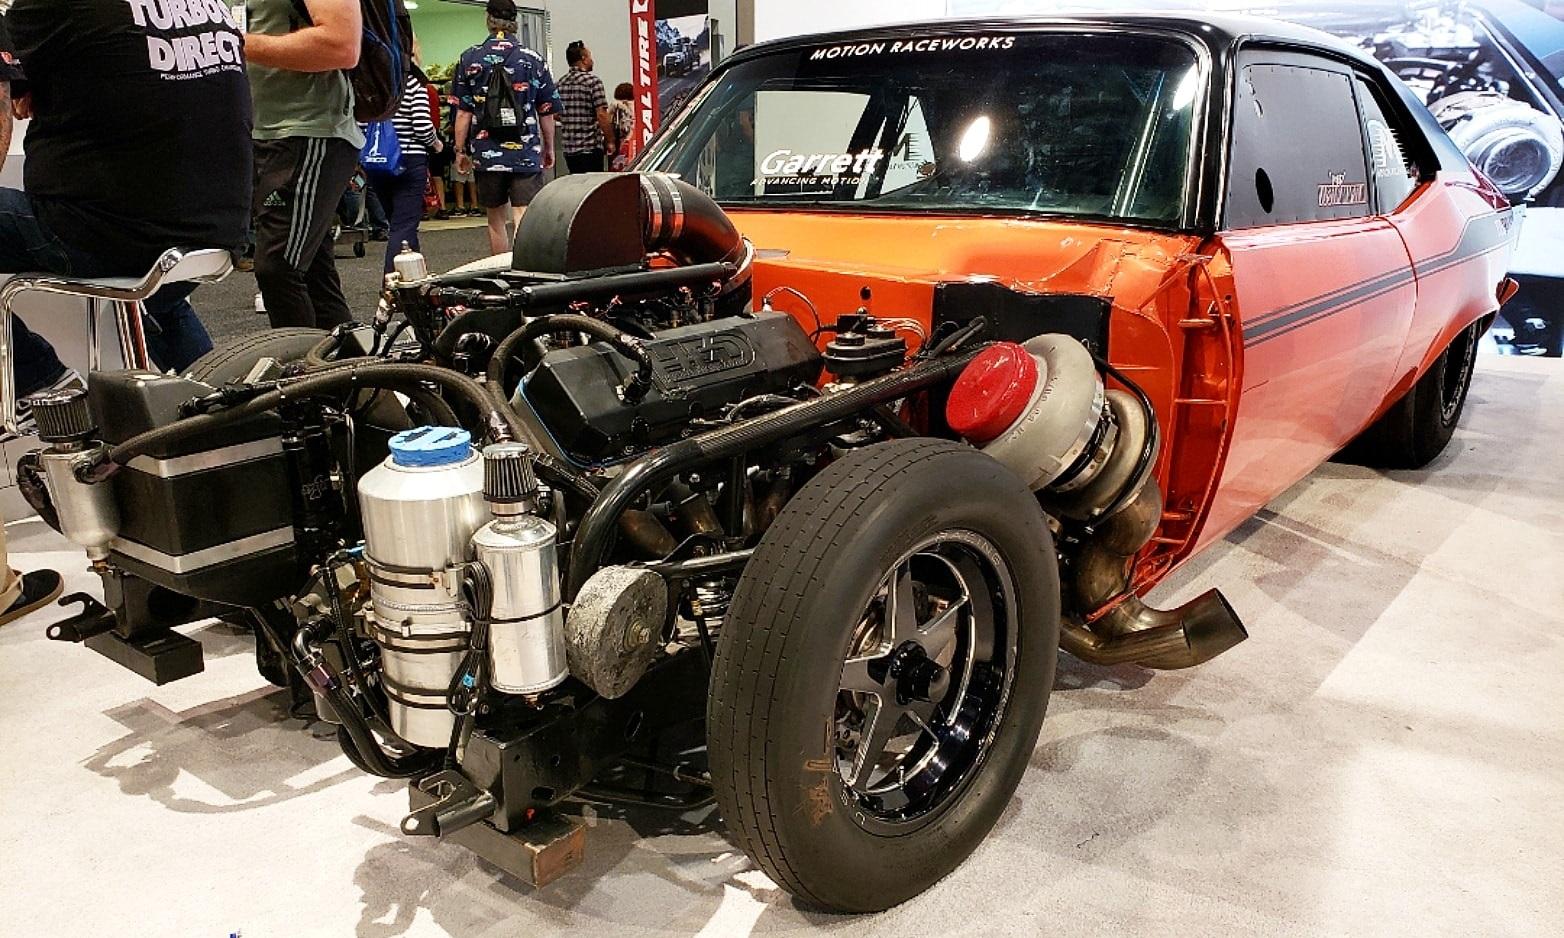 Garrett 4000hp - 1972 Limited Drag Radial Chevy Nova at SEMA